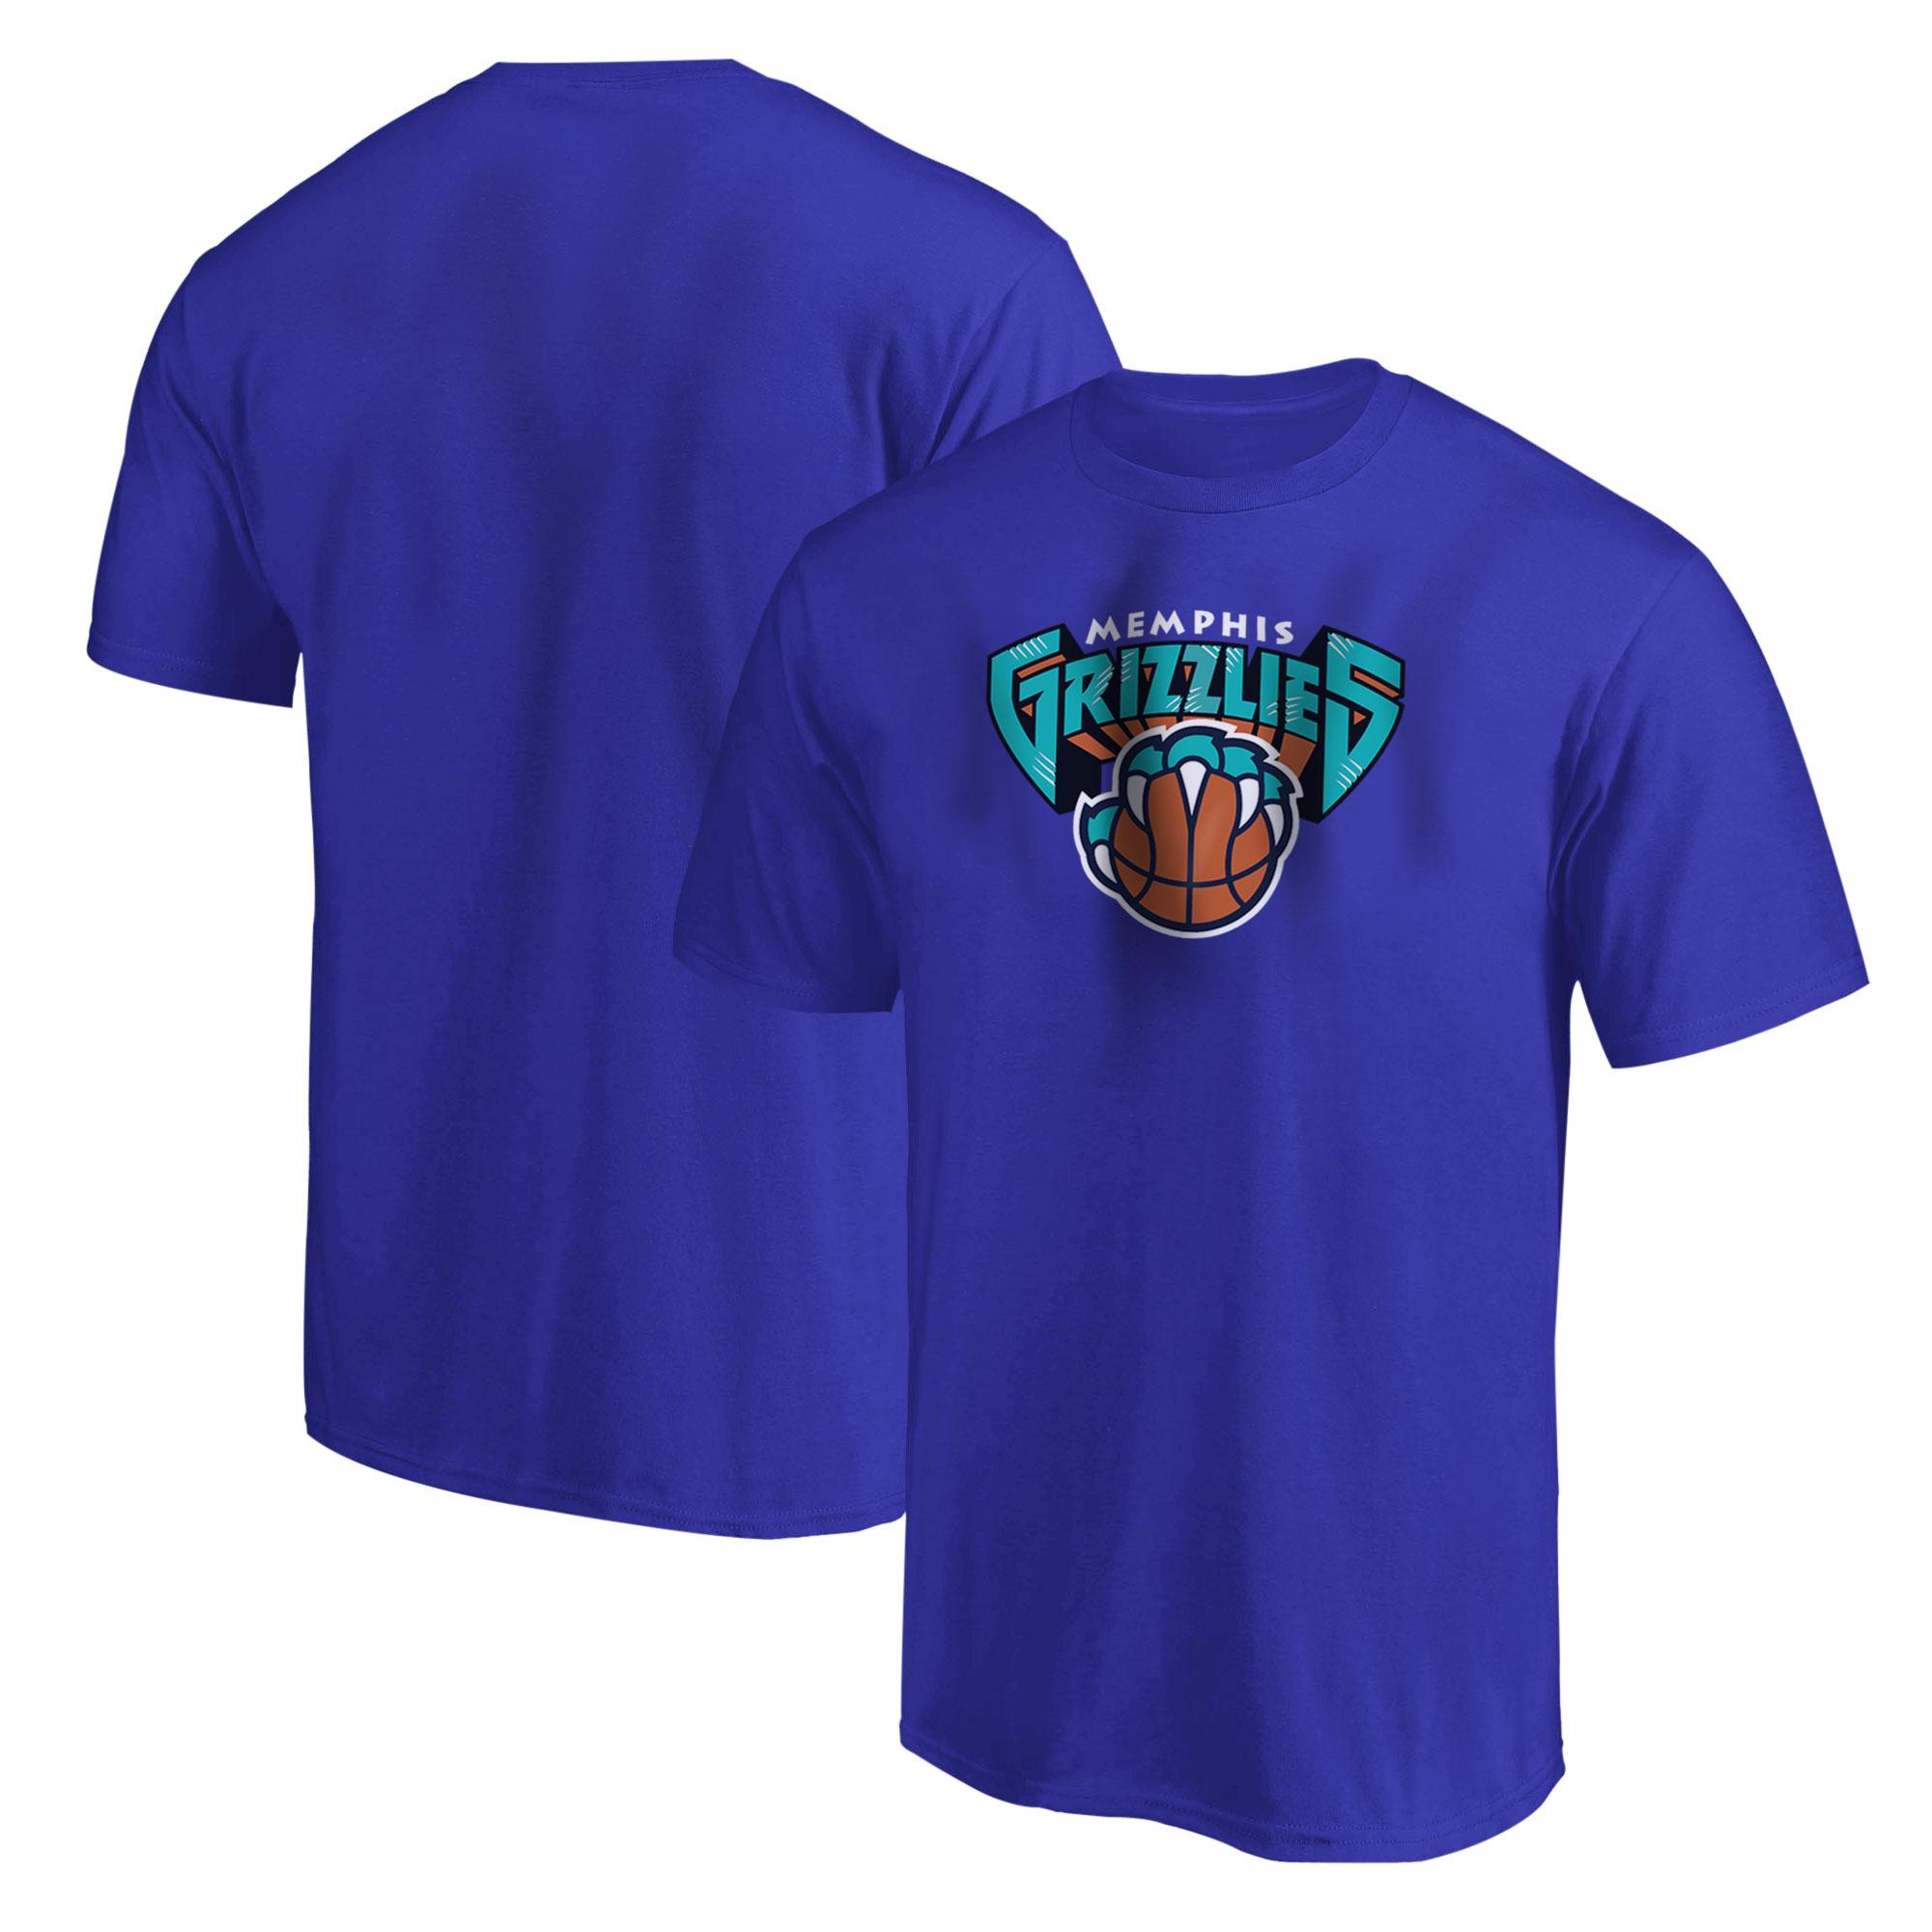 Memphis Grizzlies Tshirt (TSH-BLU-493-NBA-MEMPHIS-GRZ)